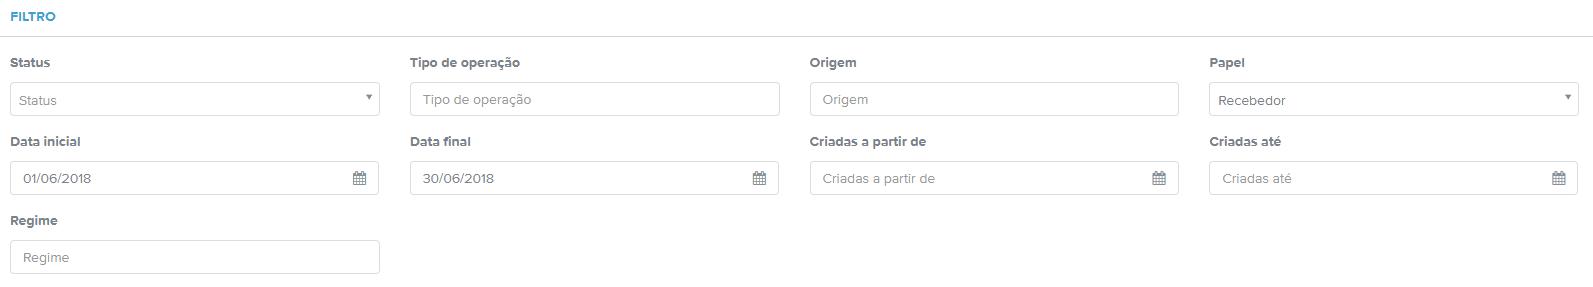 Filtro de NFSe na plataforma do Arquivei